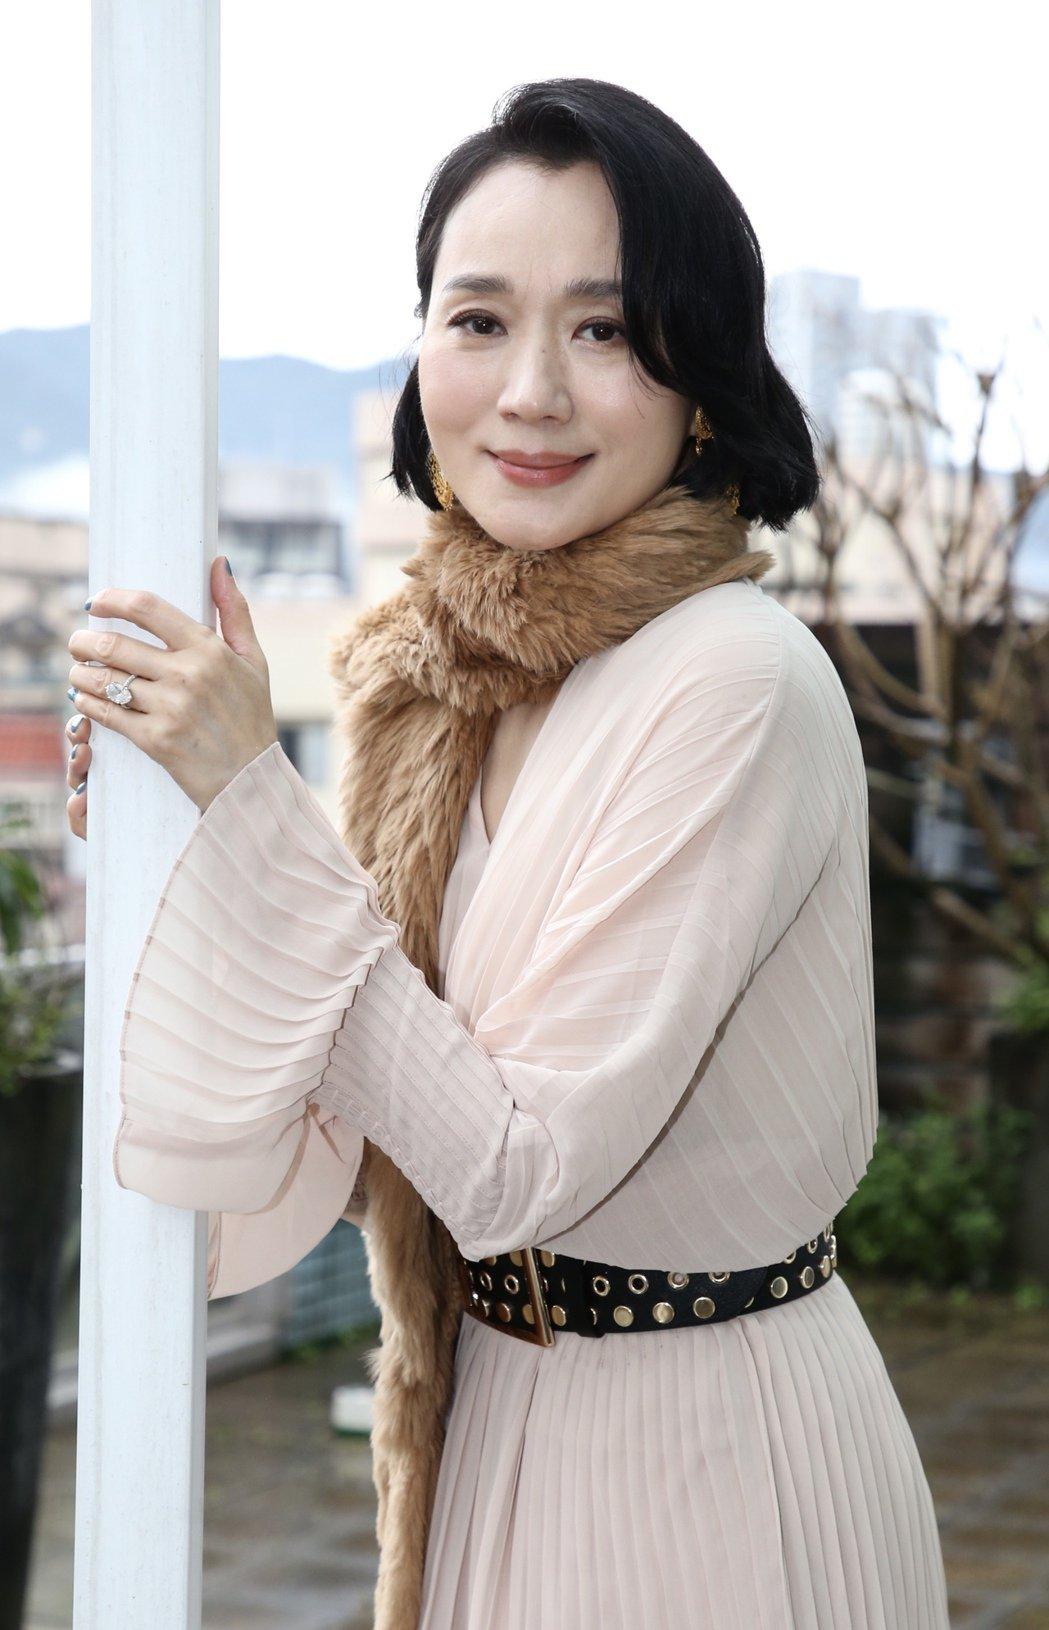 坣娜將於4月17日於台北國際會議中心舉辦「愛是自由Free to love」演唱...